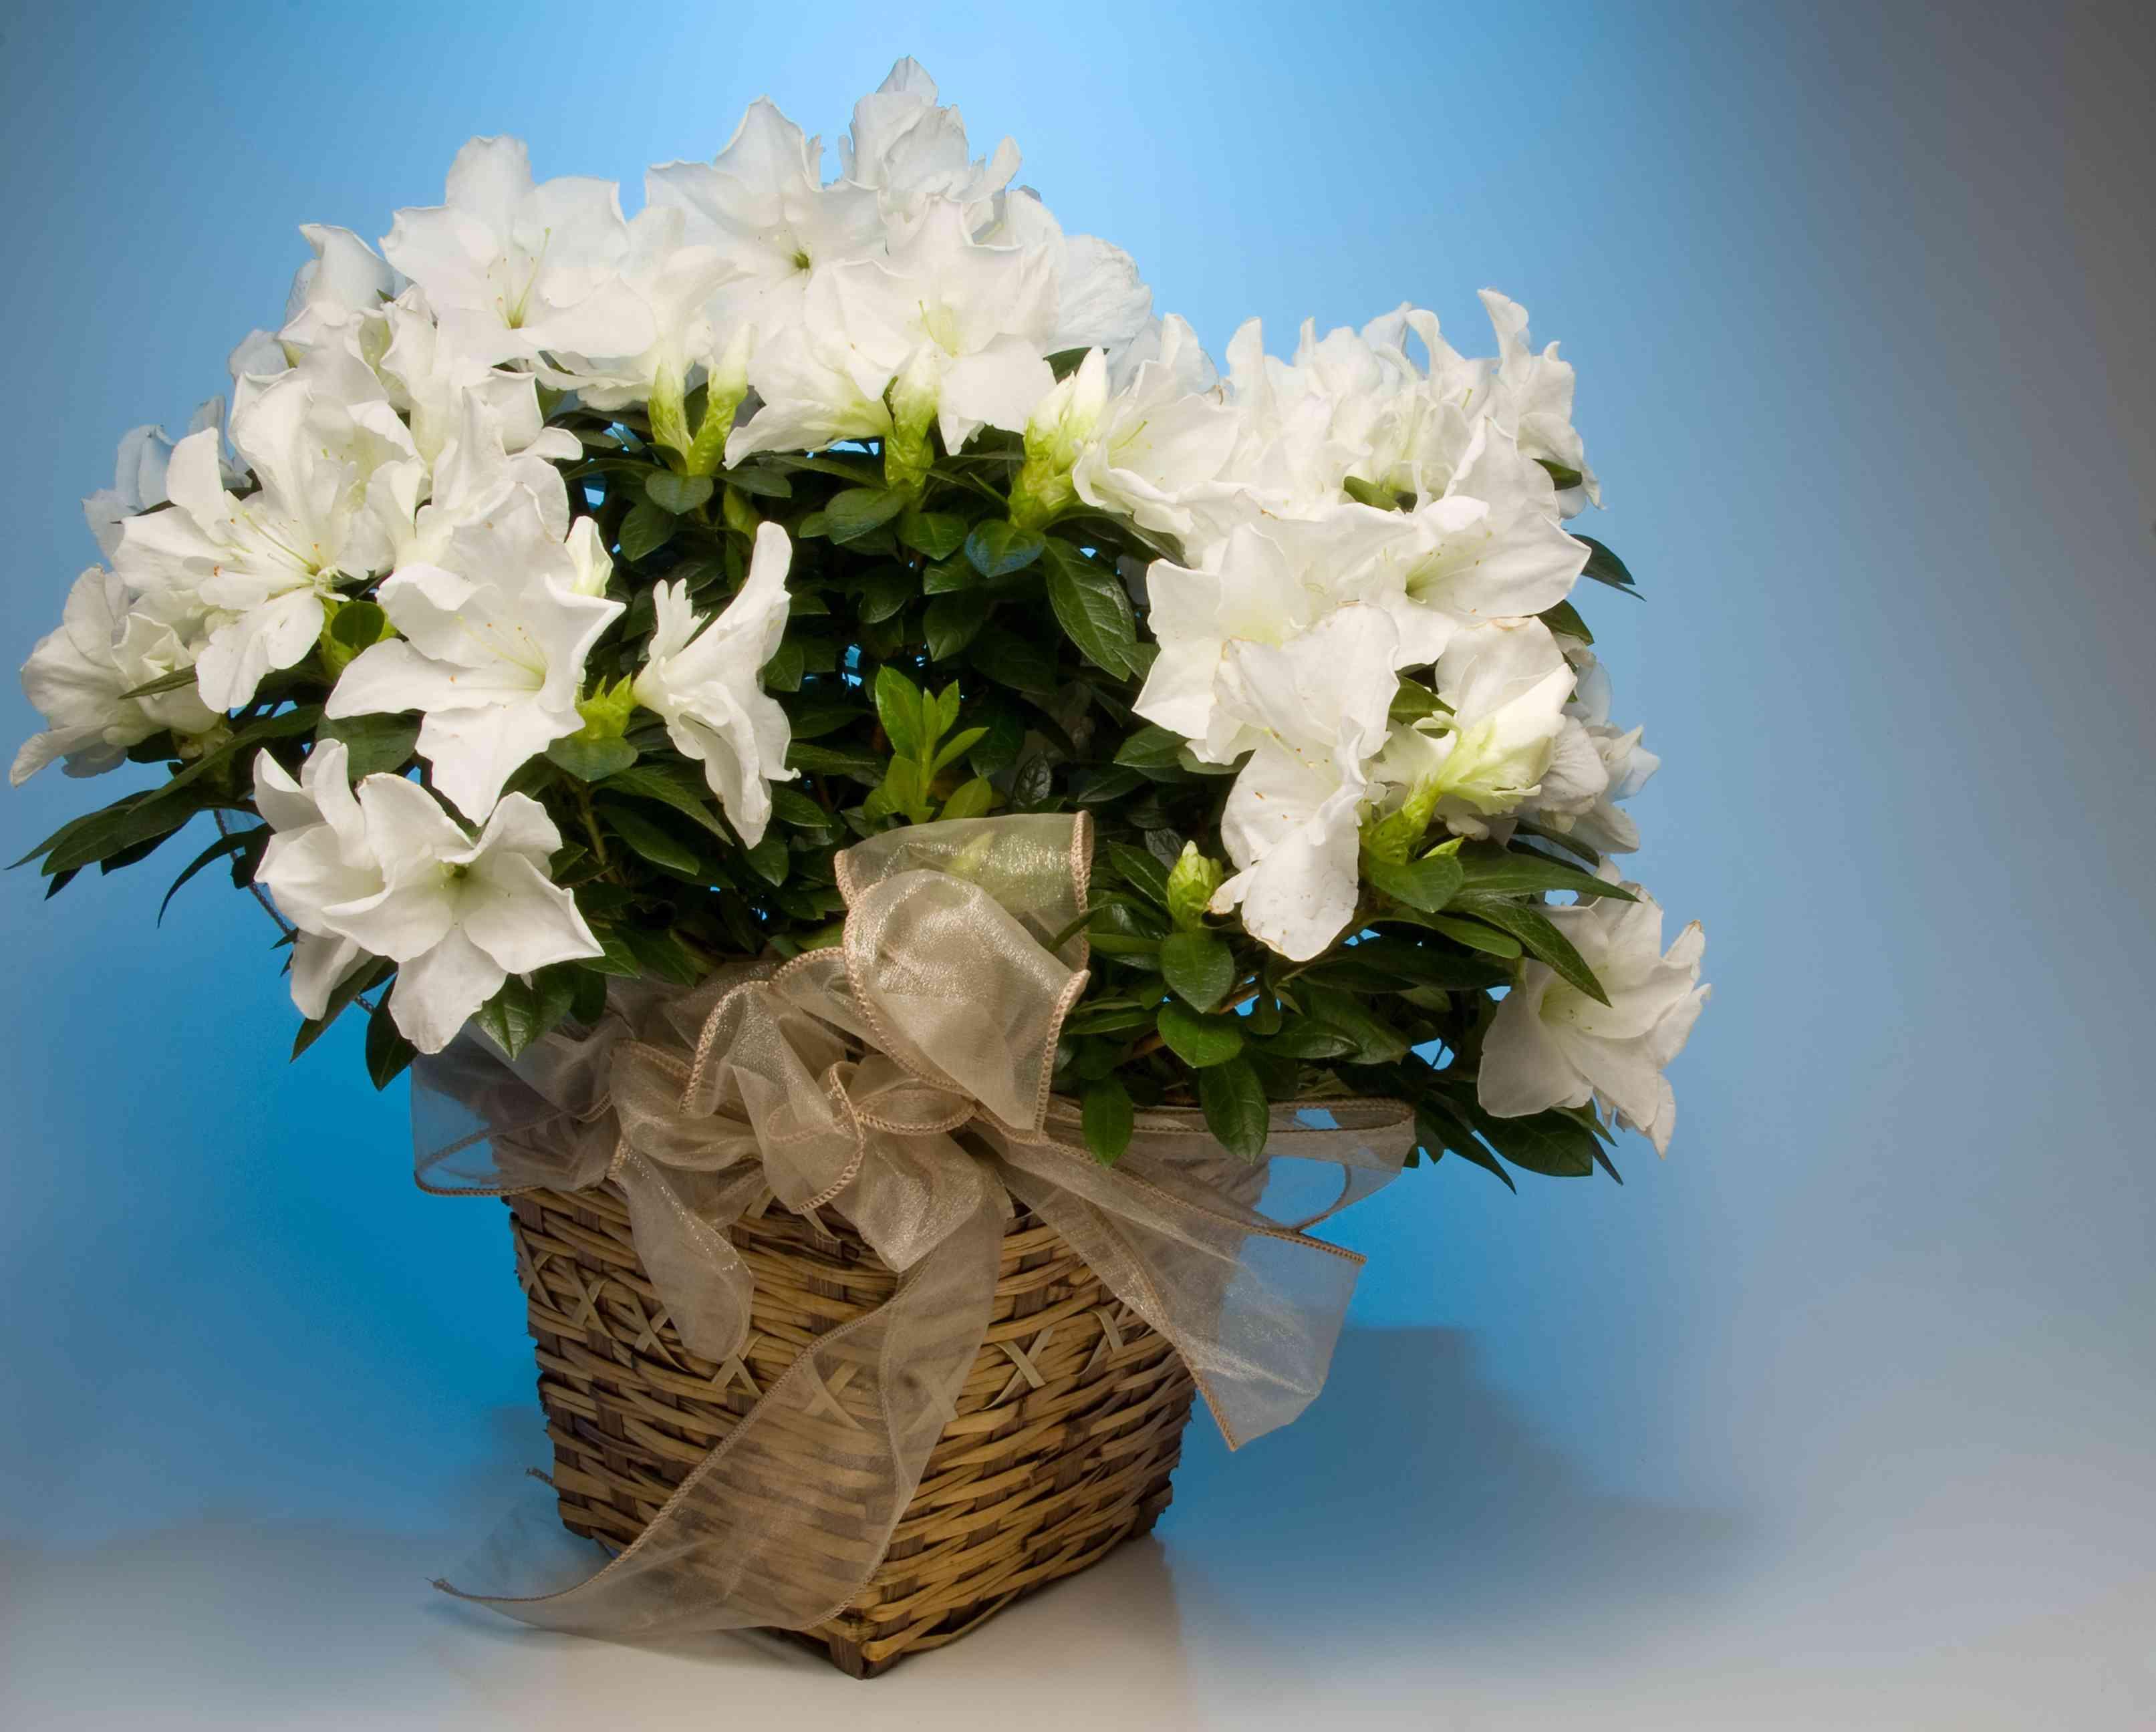 Florist Azalea